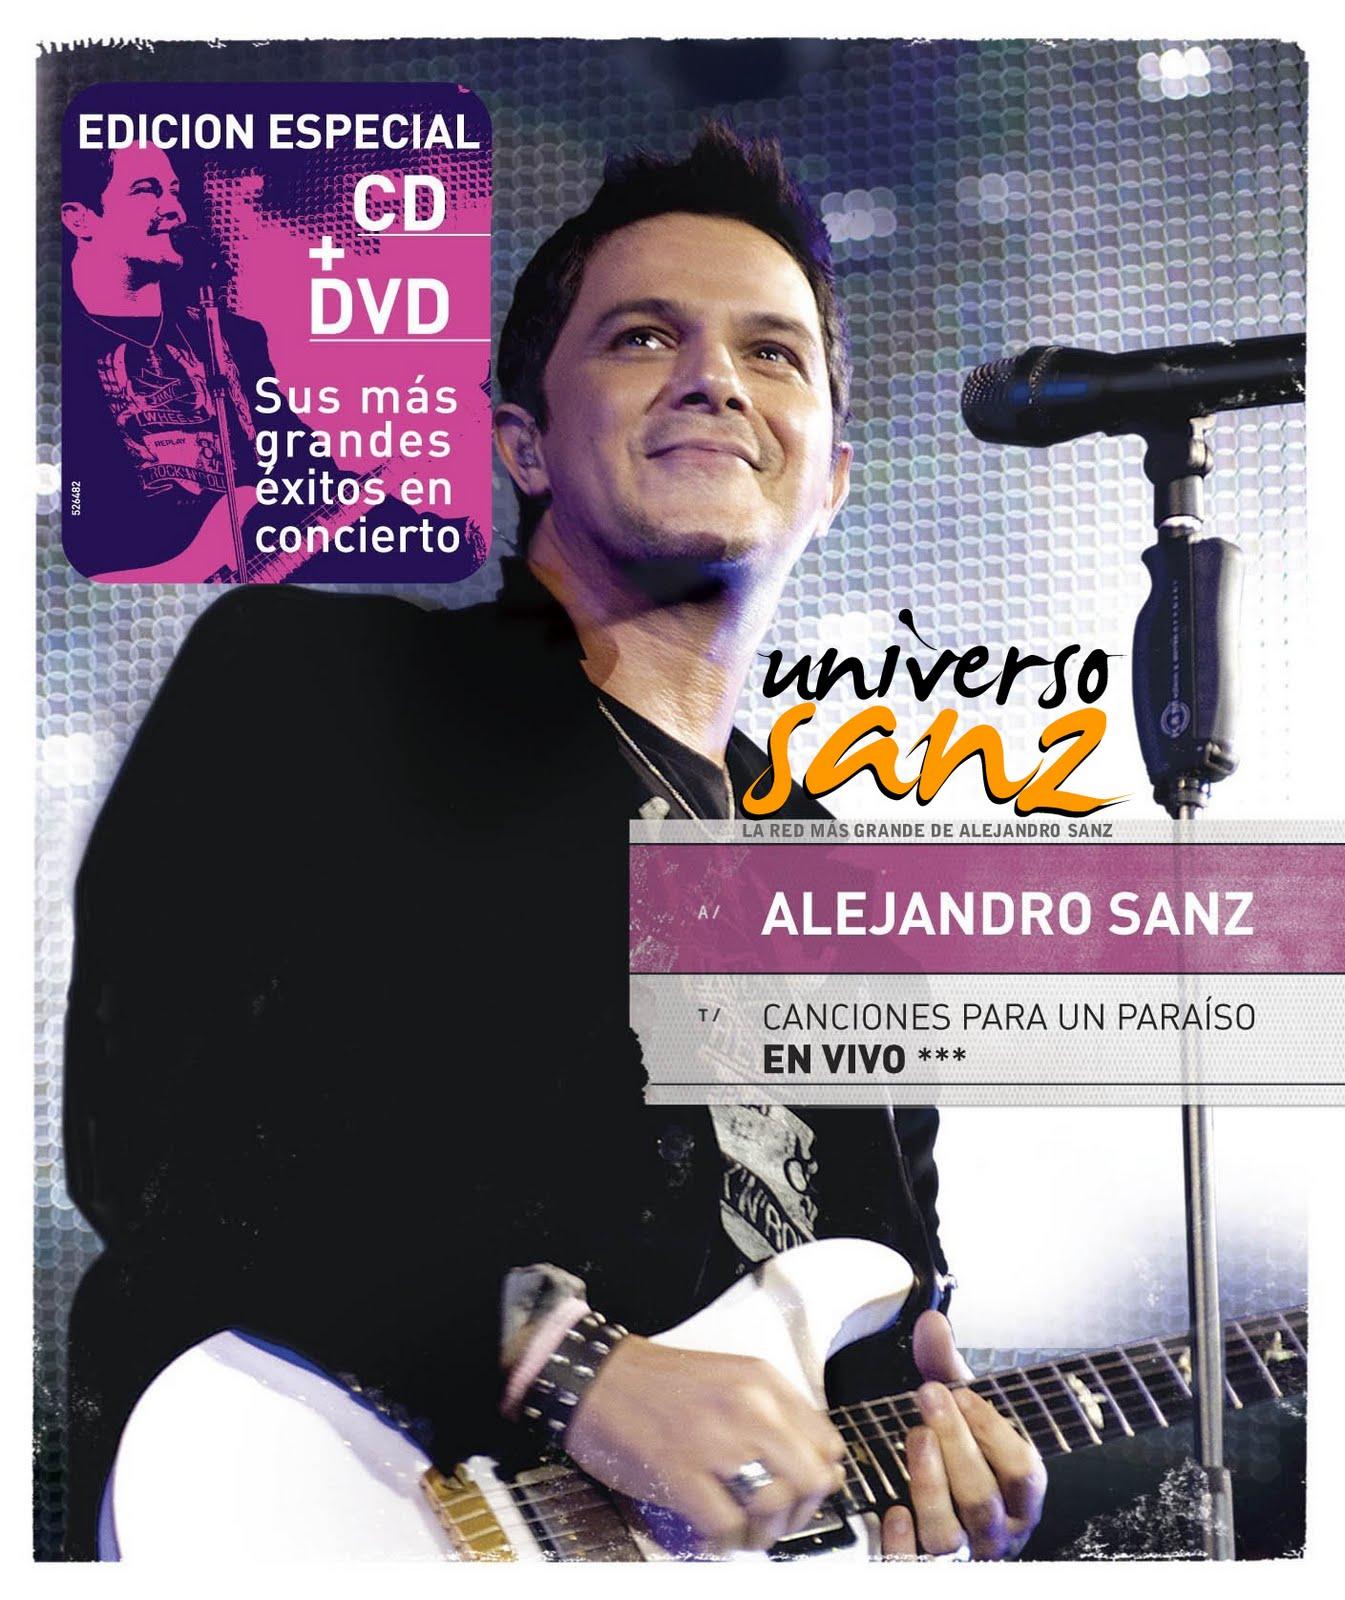 letras de la cancion de alejandro sanz a la primera: